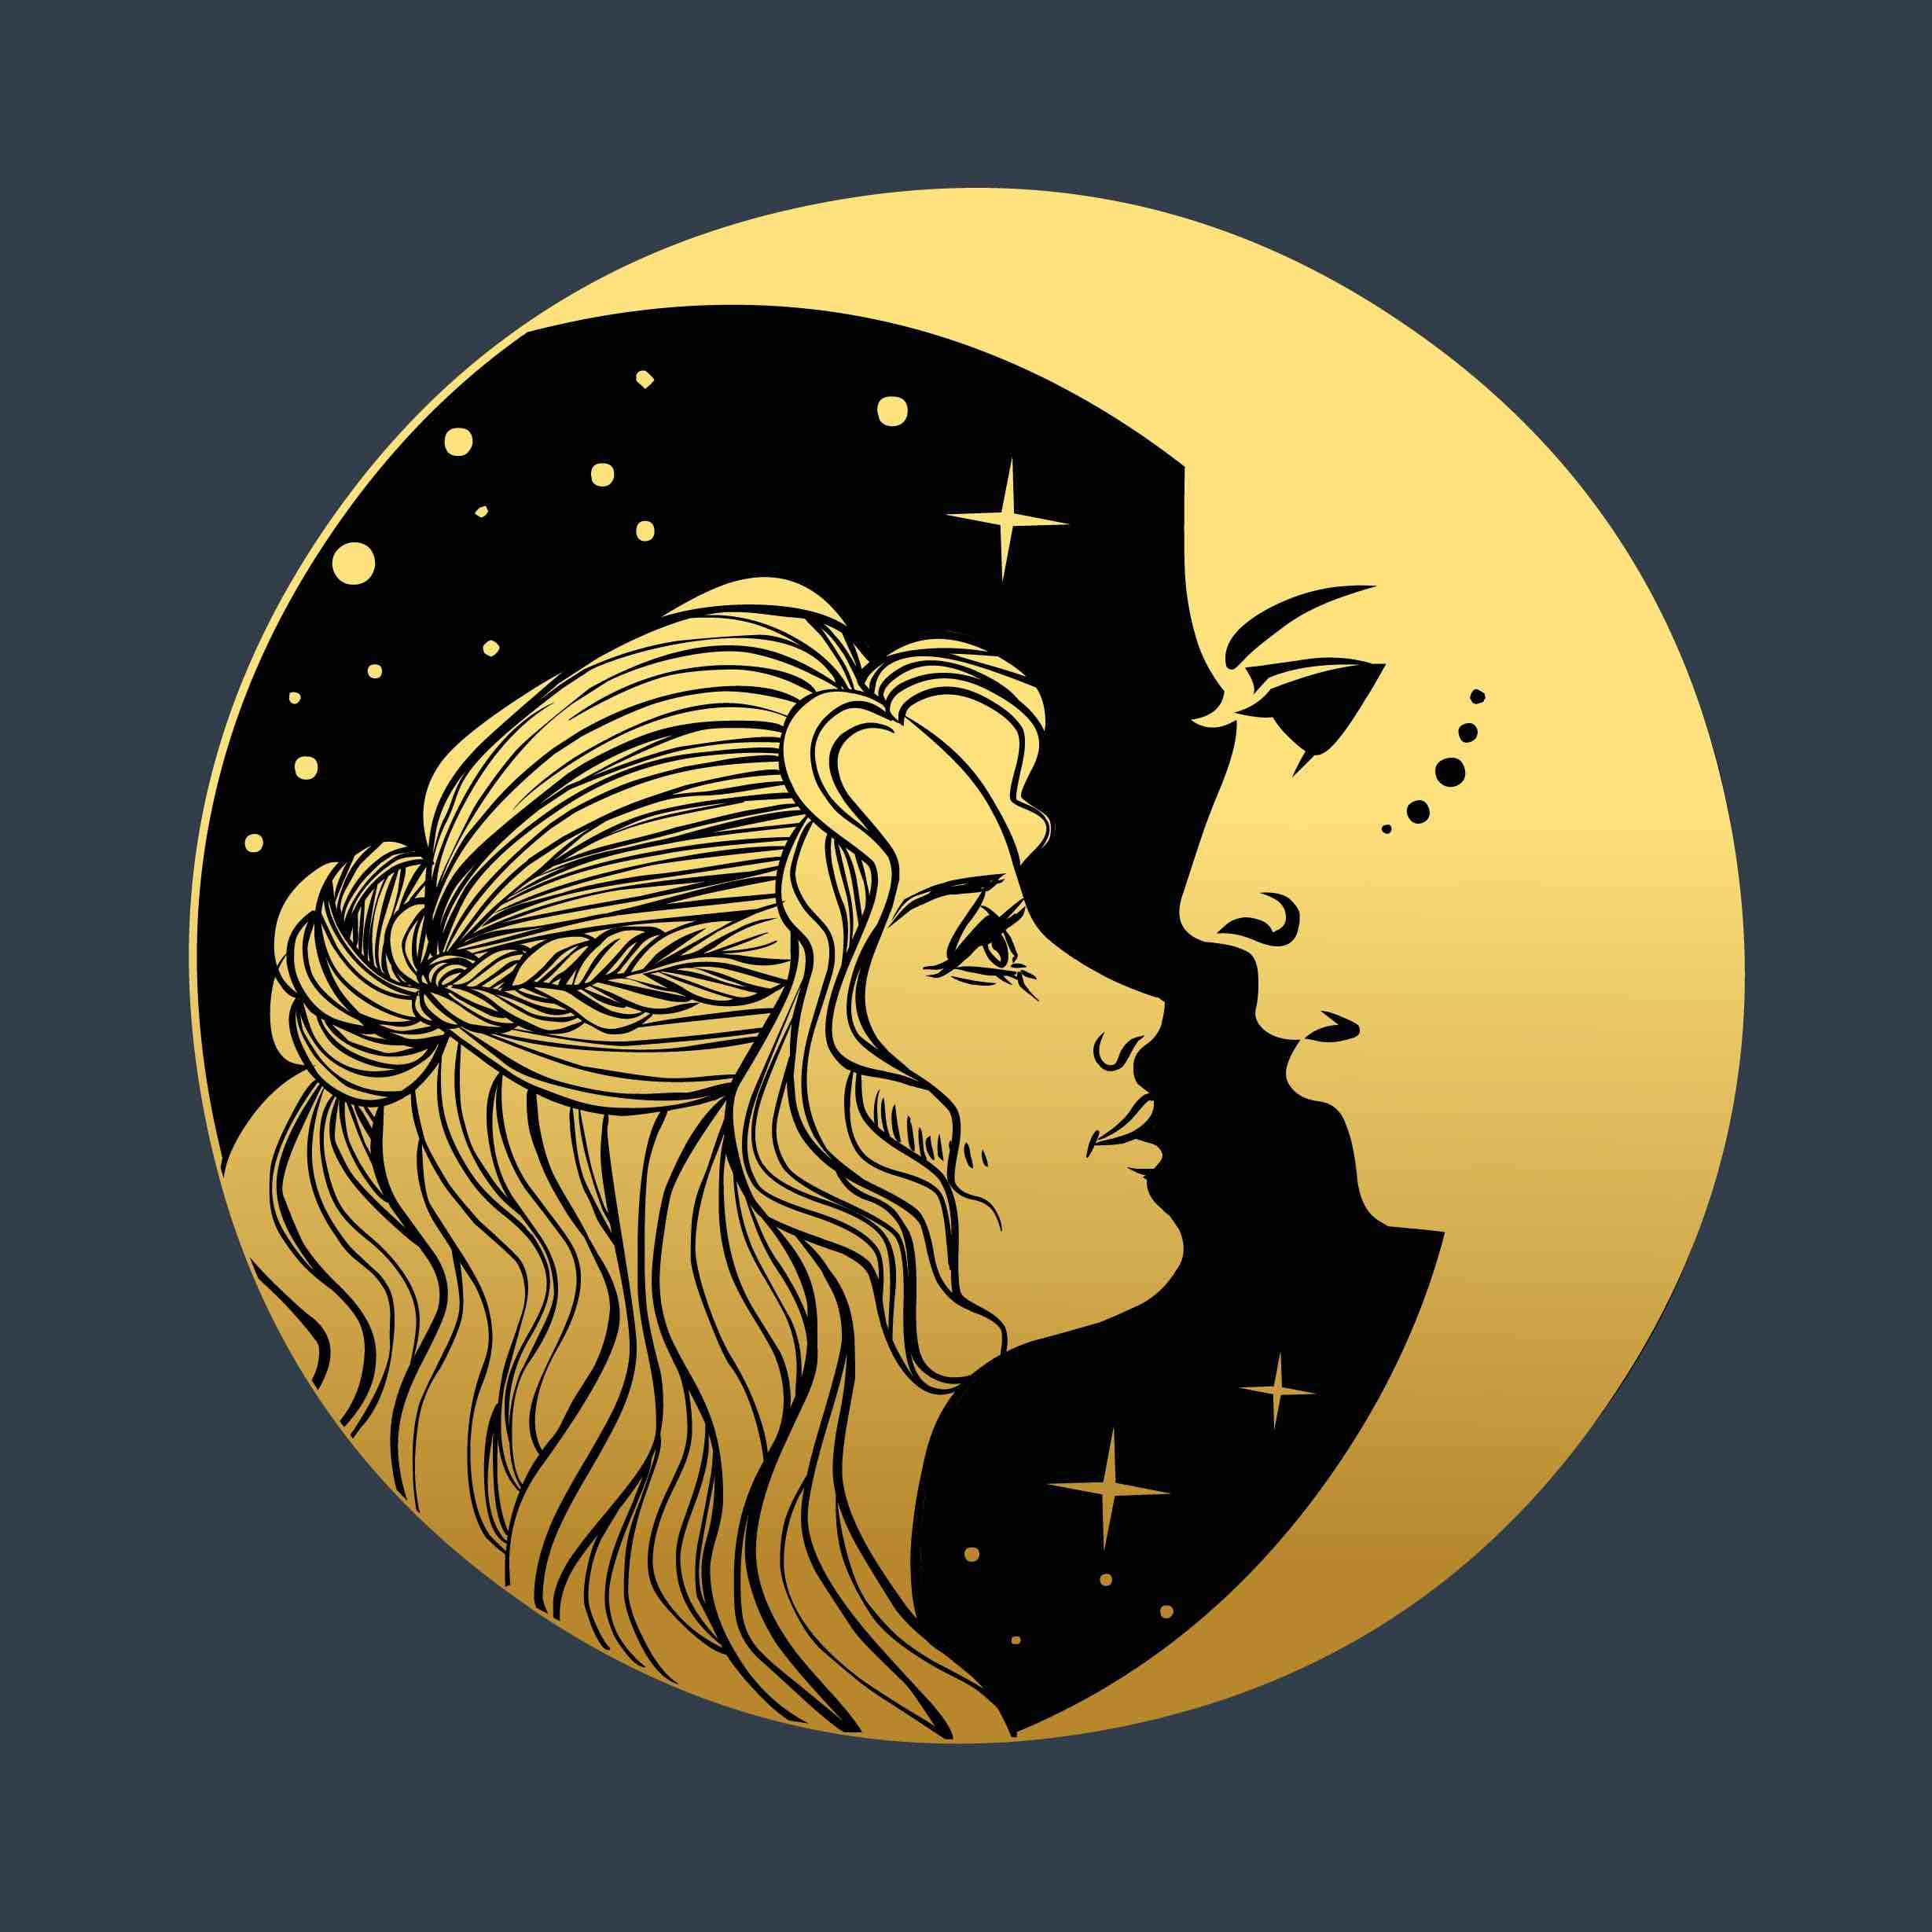 księżyc, twarz kobiety